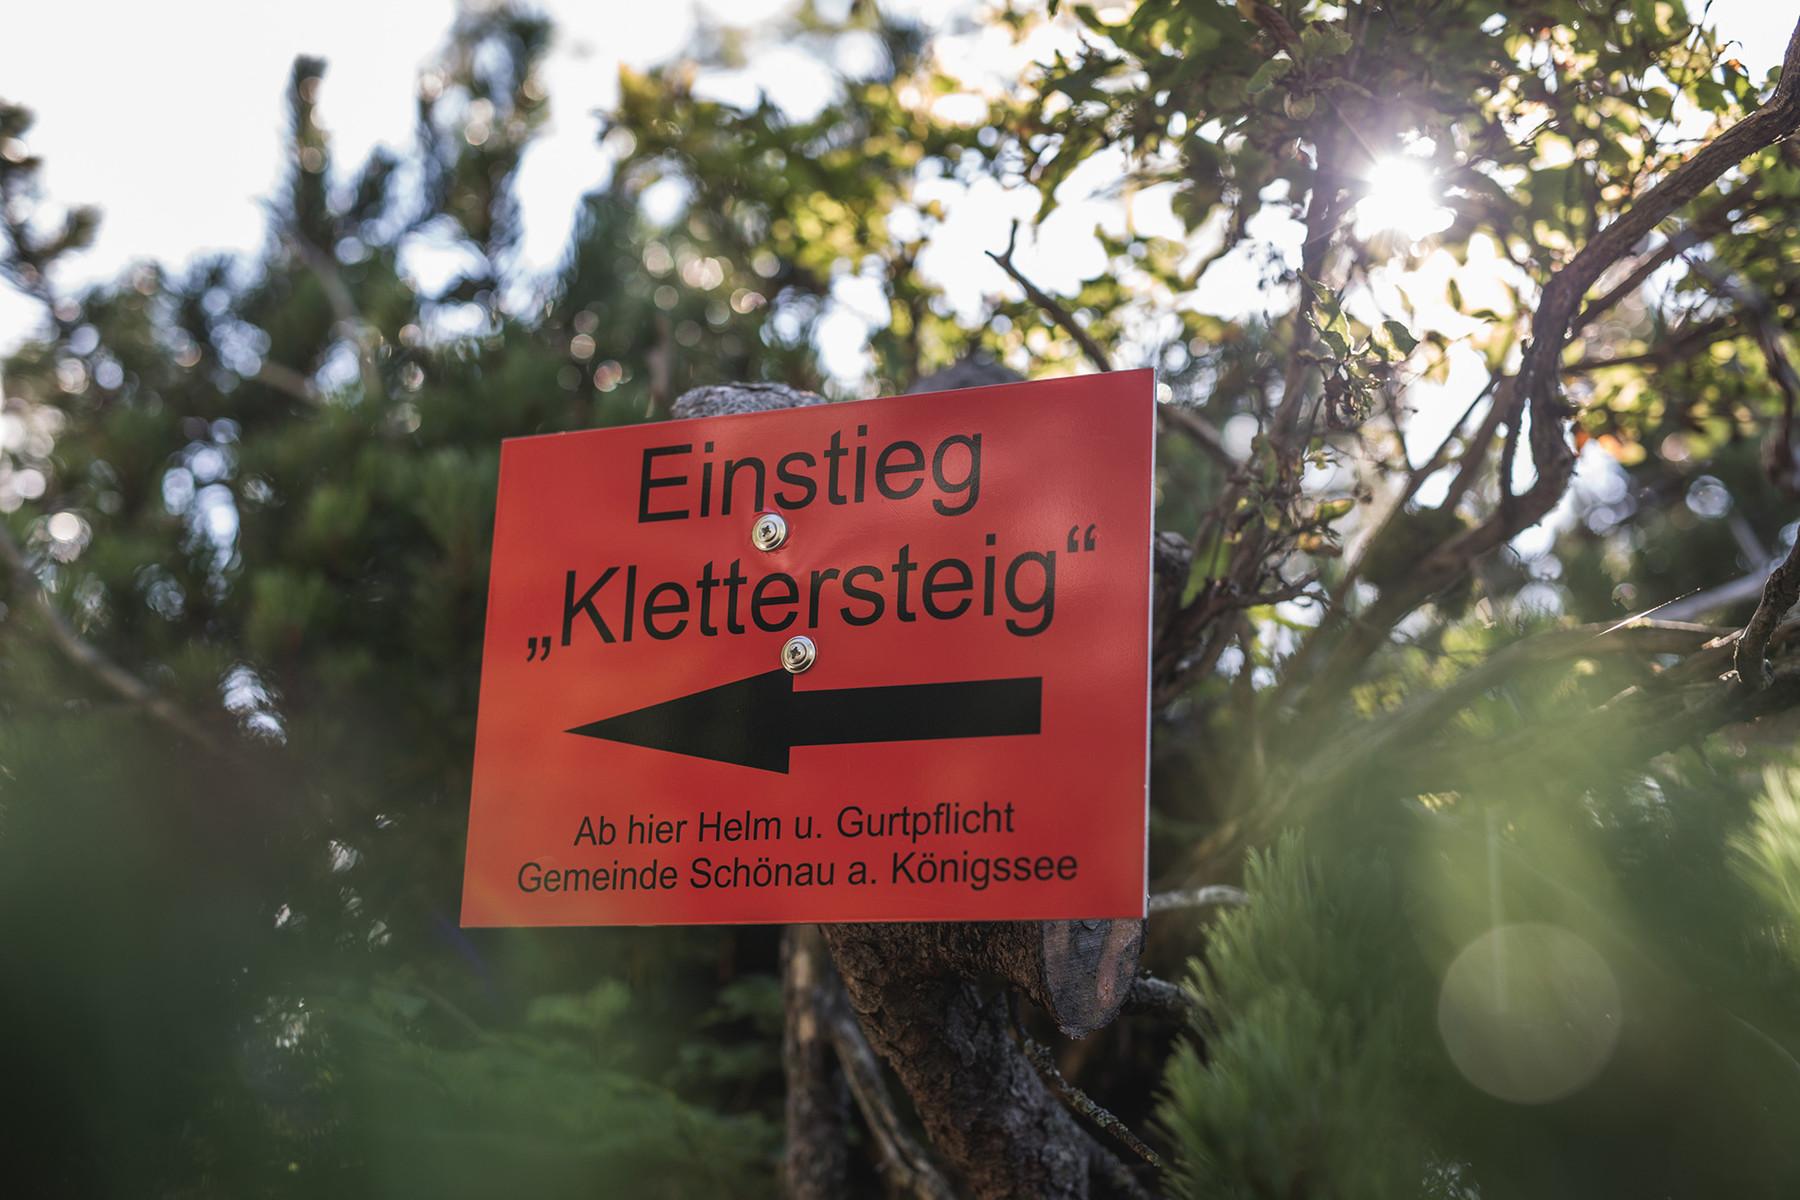 Klettersteigset Verleih Berchtesgaden : Klettersteig kompetenzzentrum: kletterberatung berchtesgaden